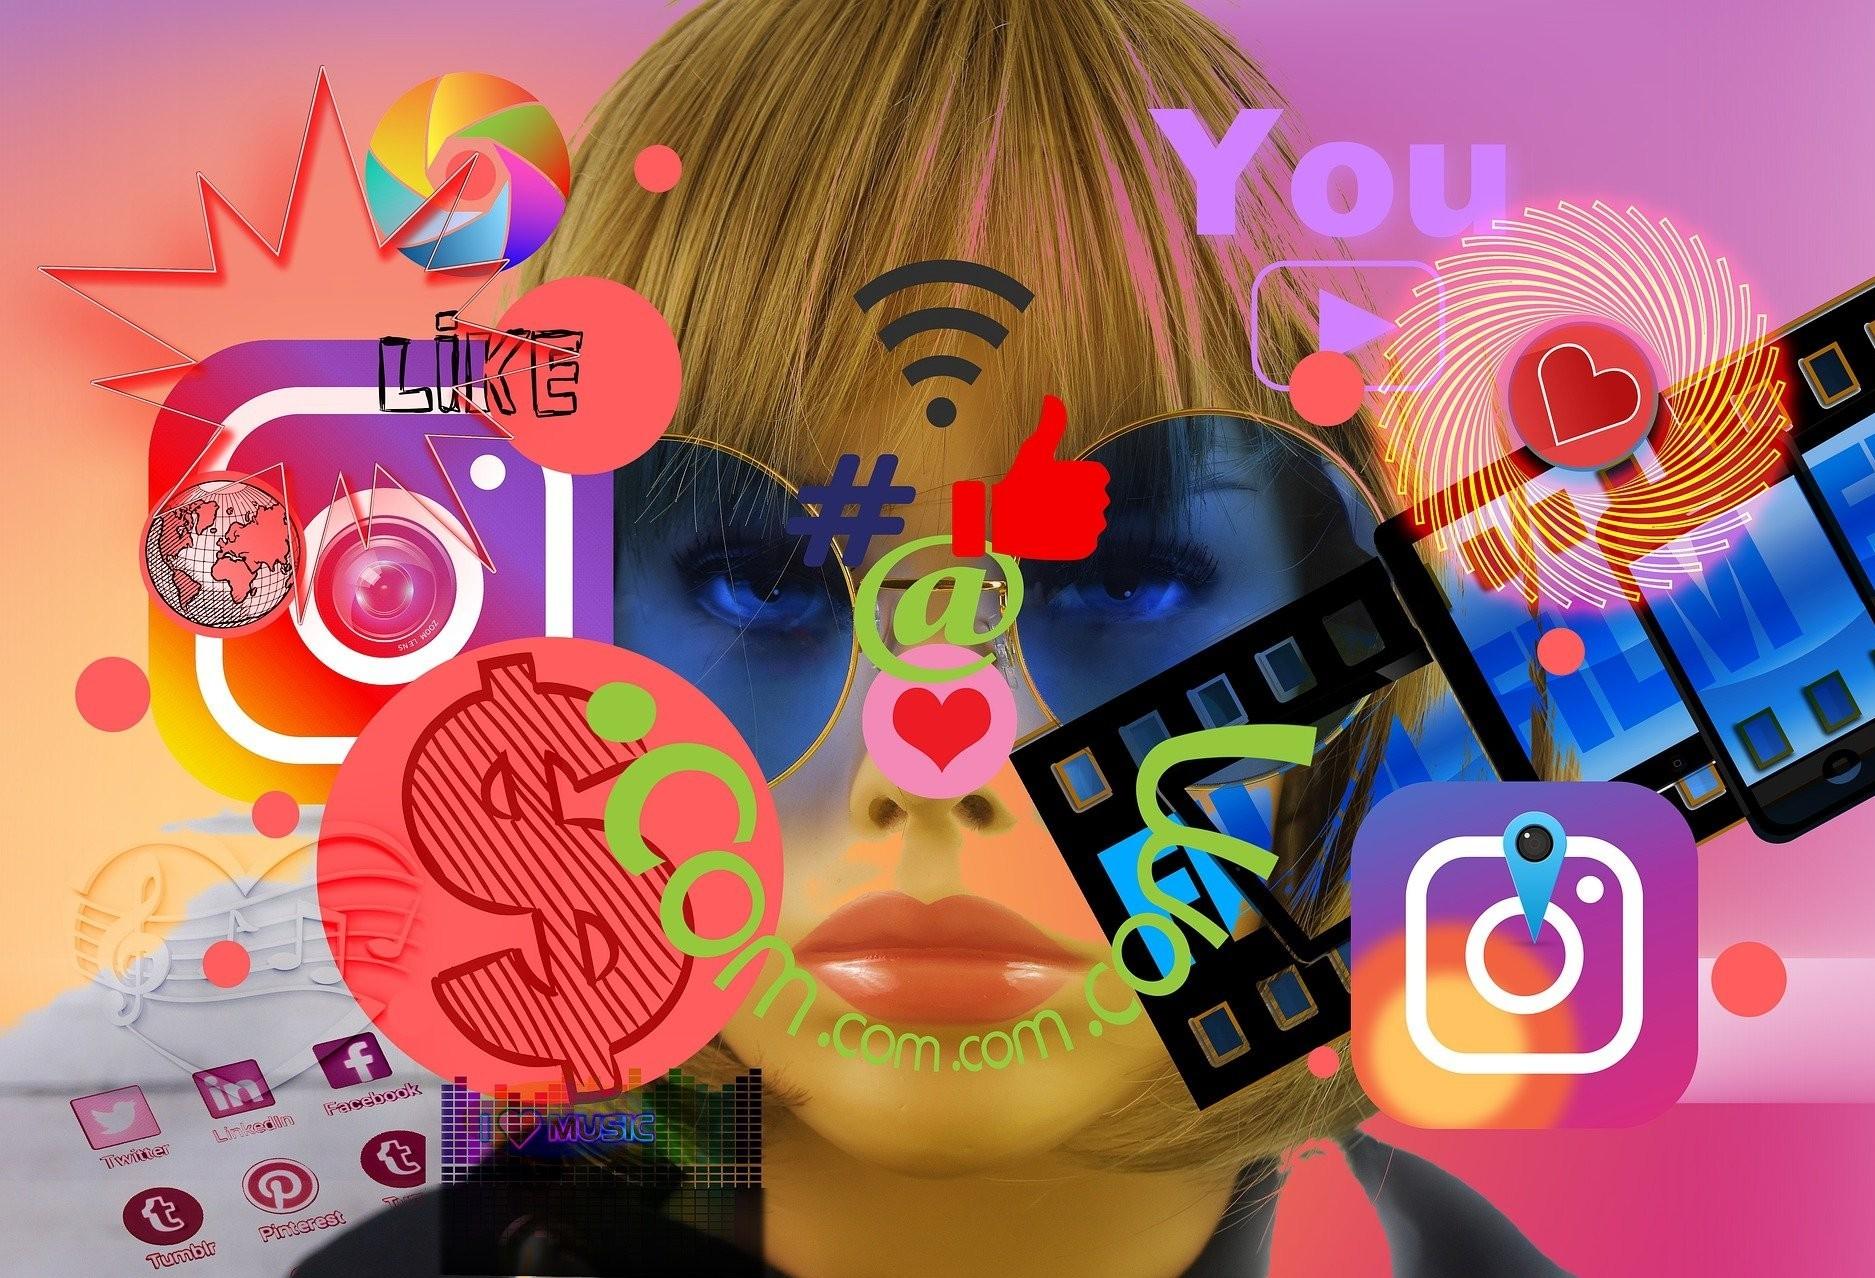 Sem regulamentação, atuação de digital influencer exige olhar jurídico